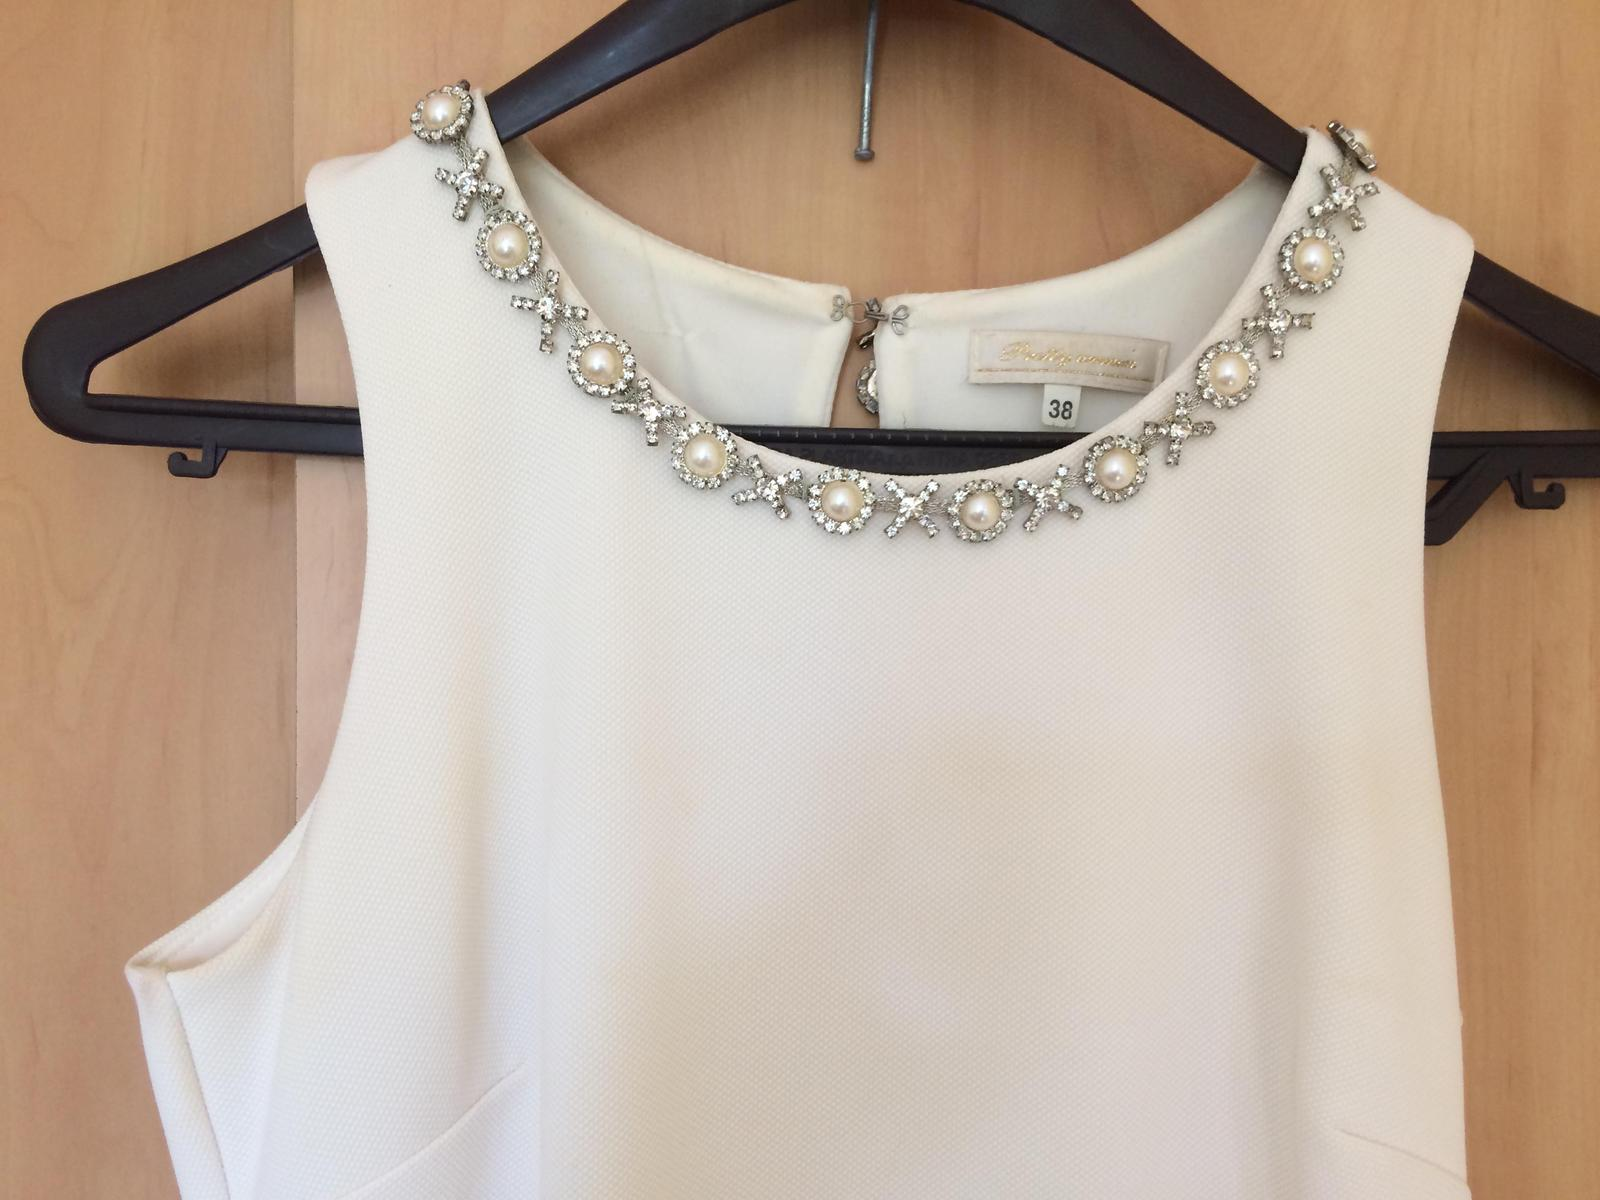 Biele spoločenské šaty - Obrázok č. 2